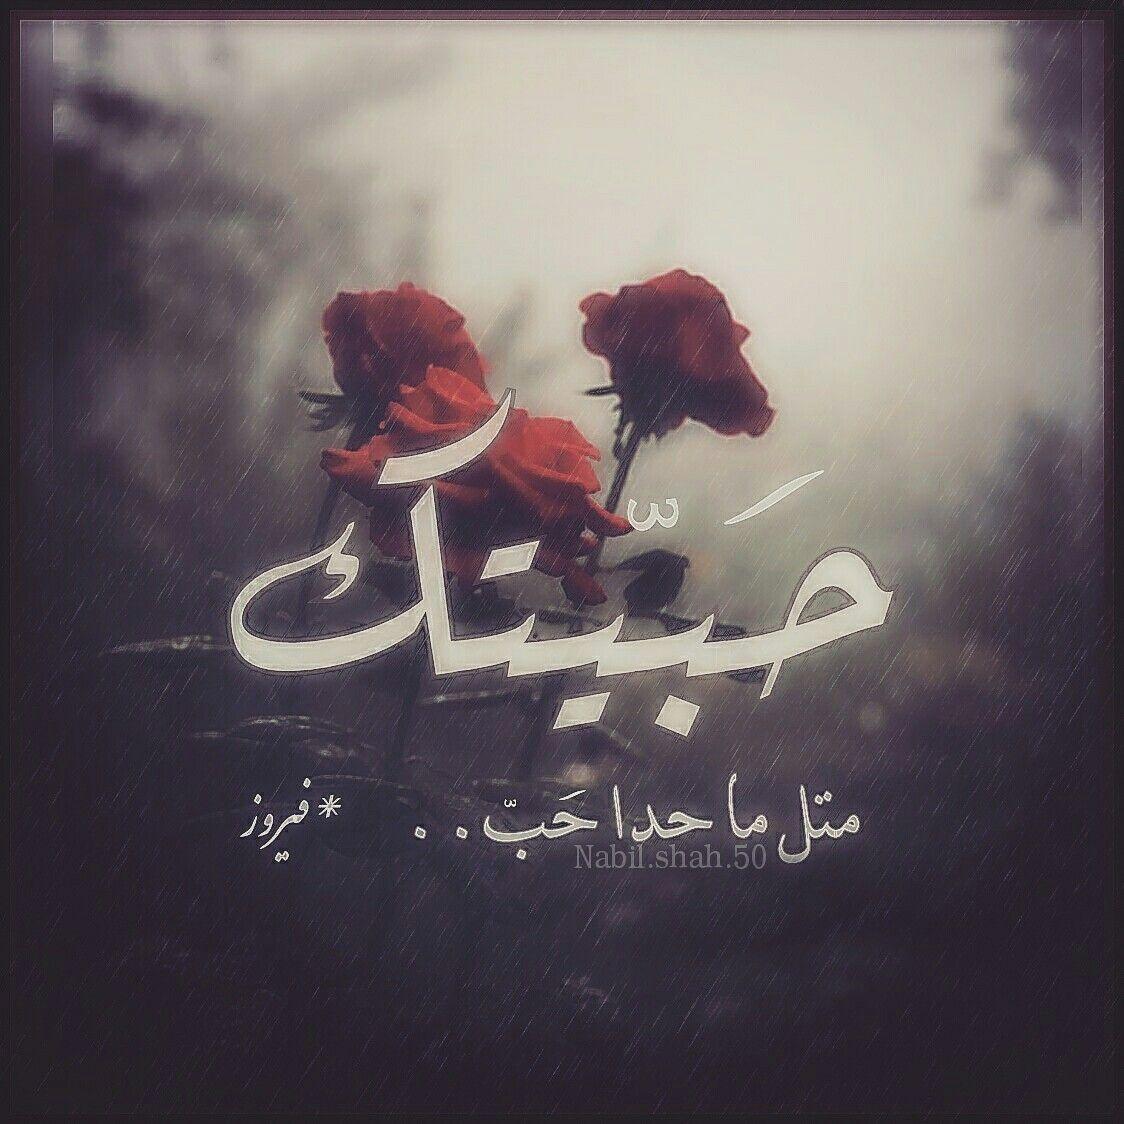 حبيتك متل ما حدا حب فيروز فيروزيات صباح الخير قهوة قهوتي تصميم تصاميم كلمات كلام حب غزل Nabilshah Arabic Love Quotes Arabic Quotes Love Words